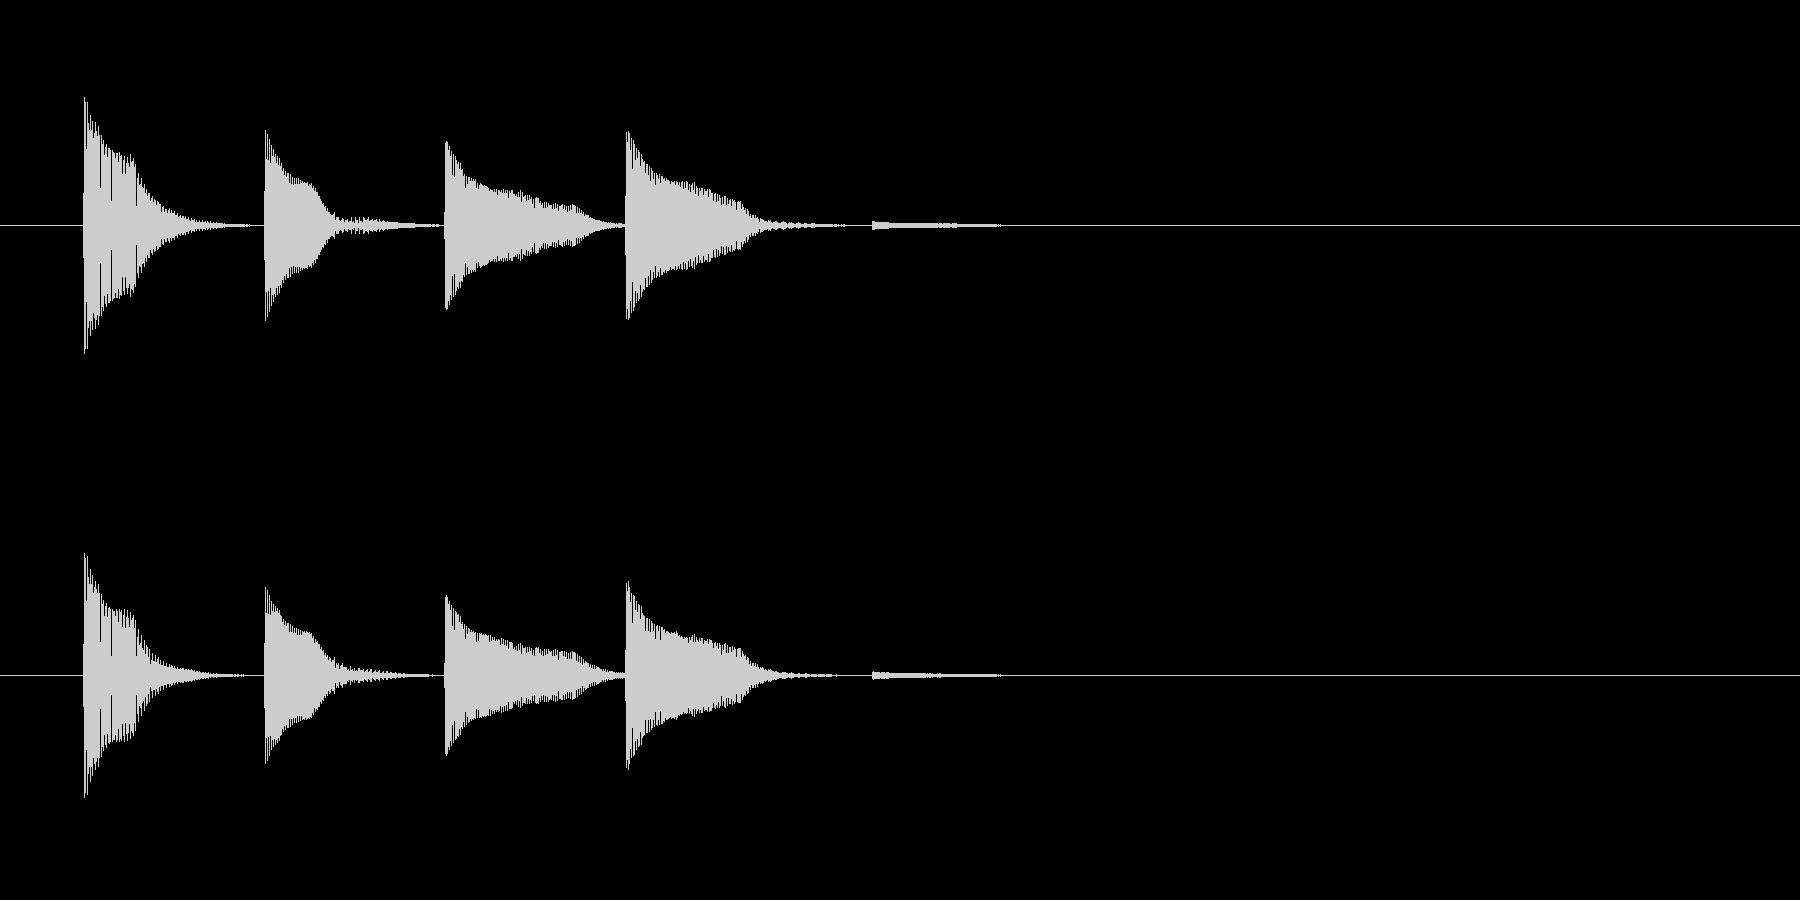 システム・ボタン音1の未再生の波形